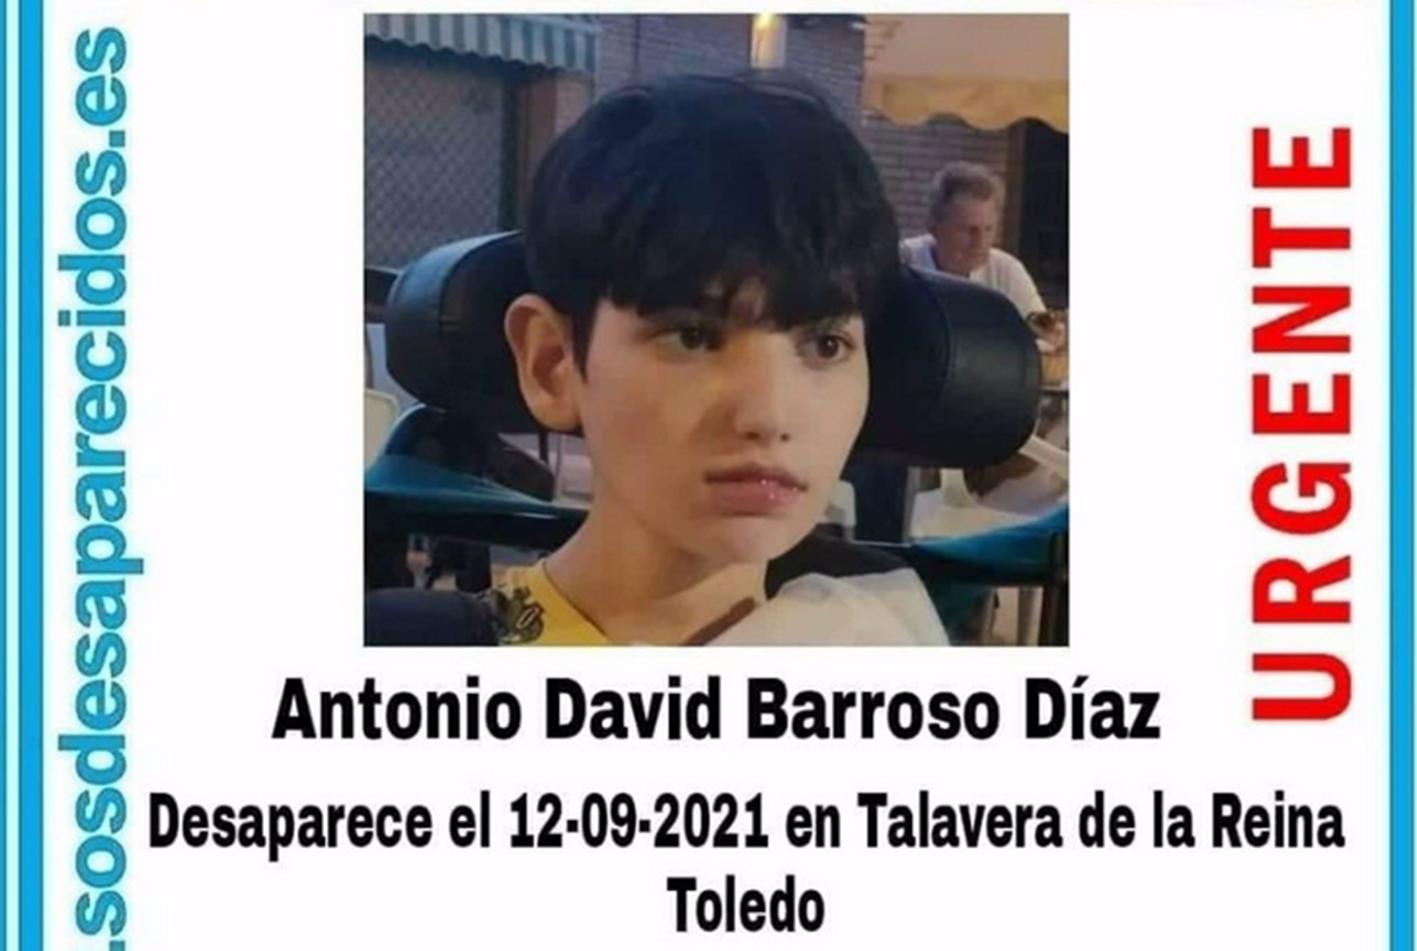 El joven desaparecido desde hace unos días.